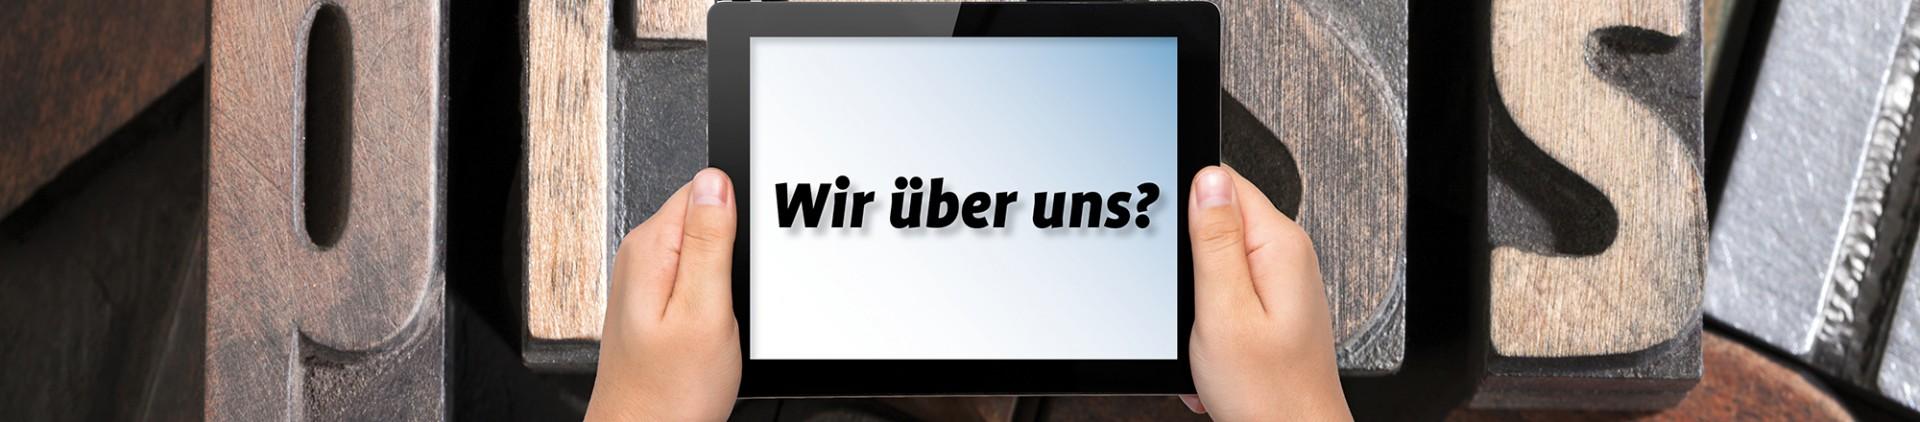 Wir über uns - Tourismusverband der Provinz Lüttich